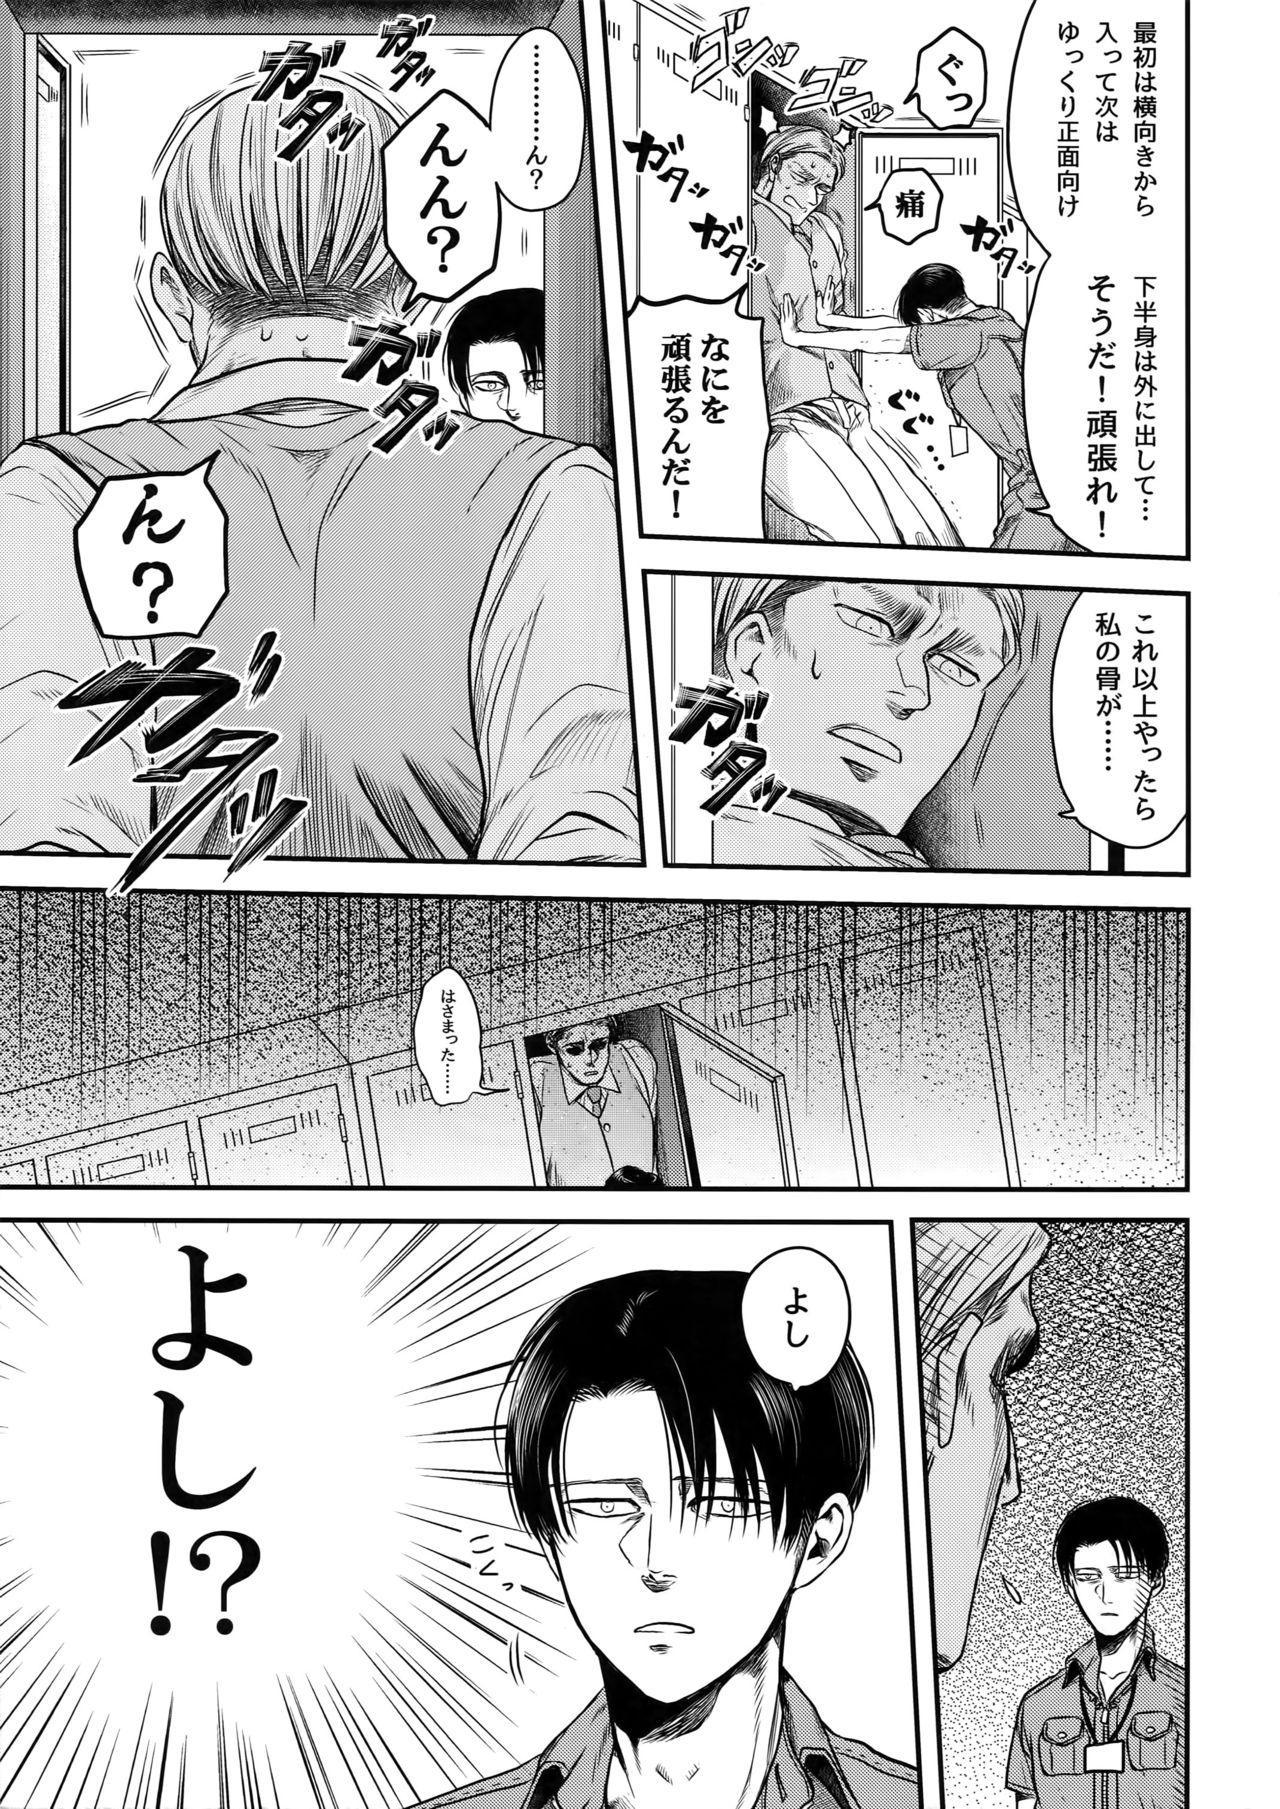 Rekishi Kyoushi to Seisouin 5